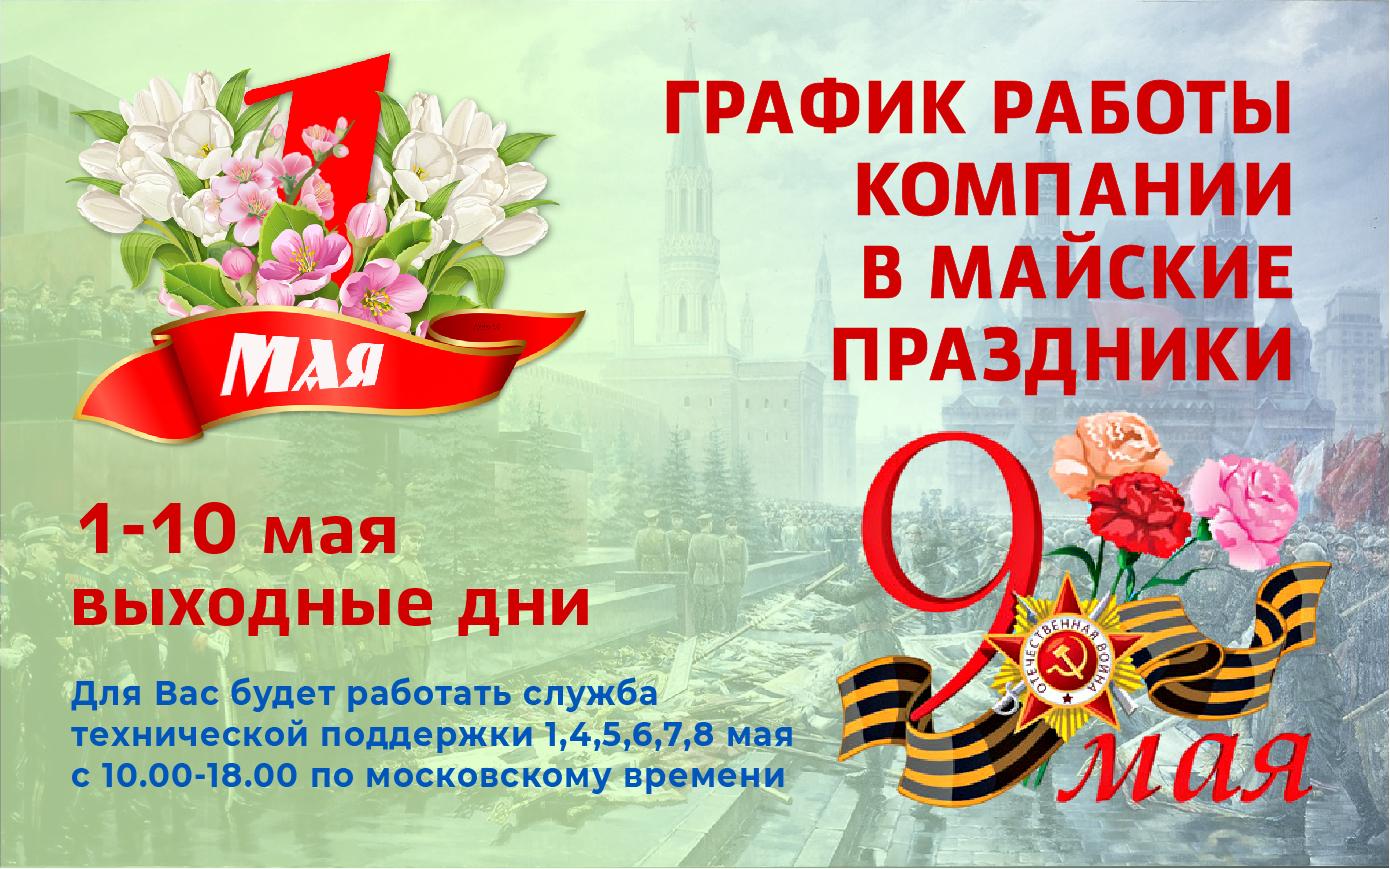 Поздравления и график работы в майские праздники